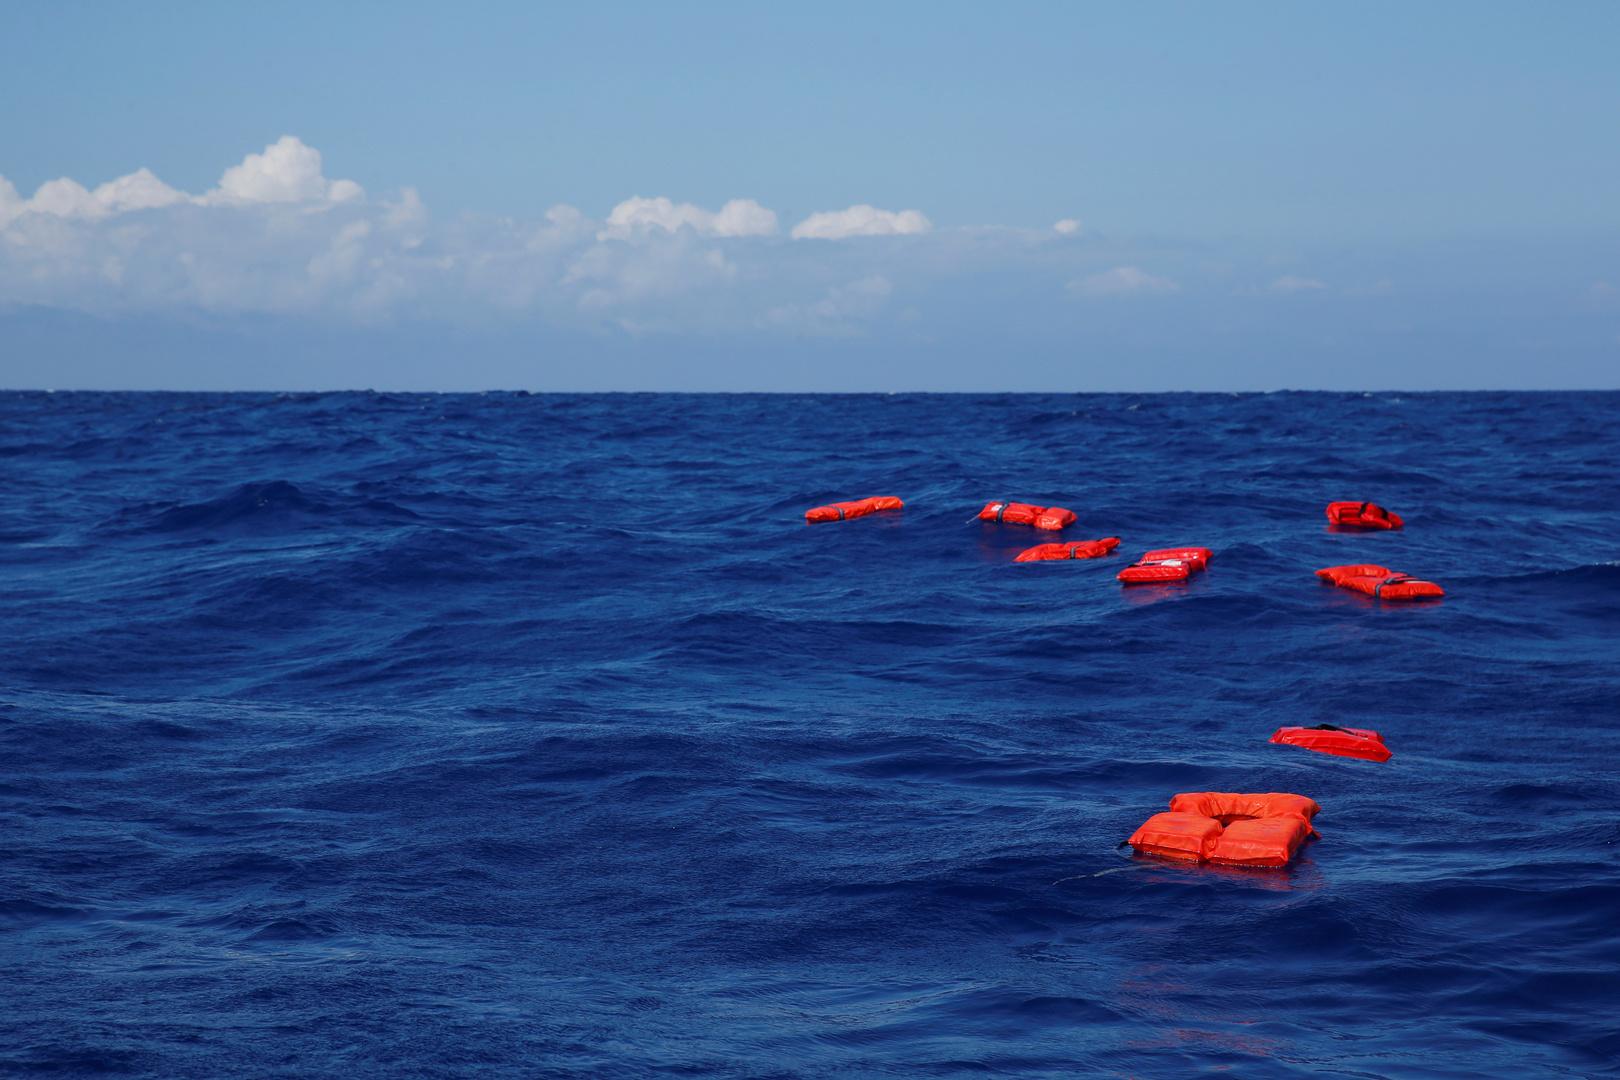 إيطاليا.. إنقاذ 125 مهاجرا وصلوا إلى جزيرة غير مأهولة